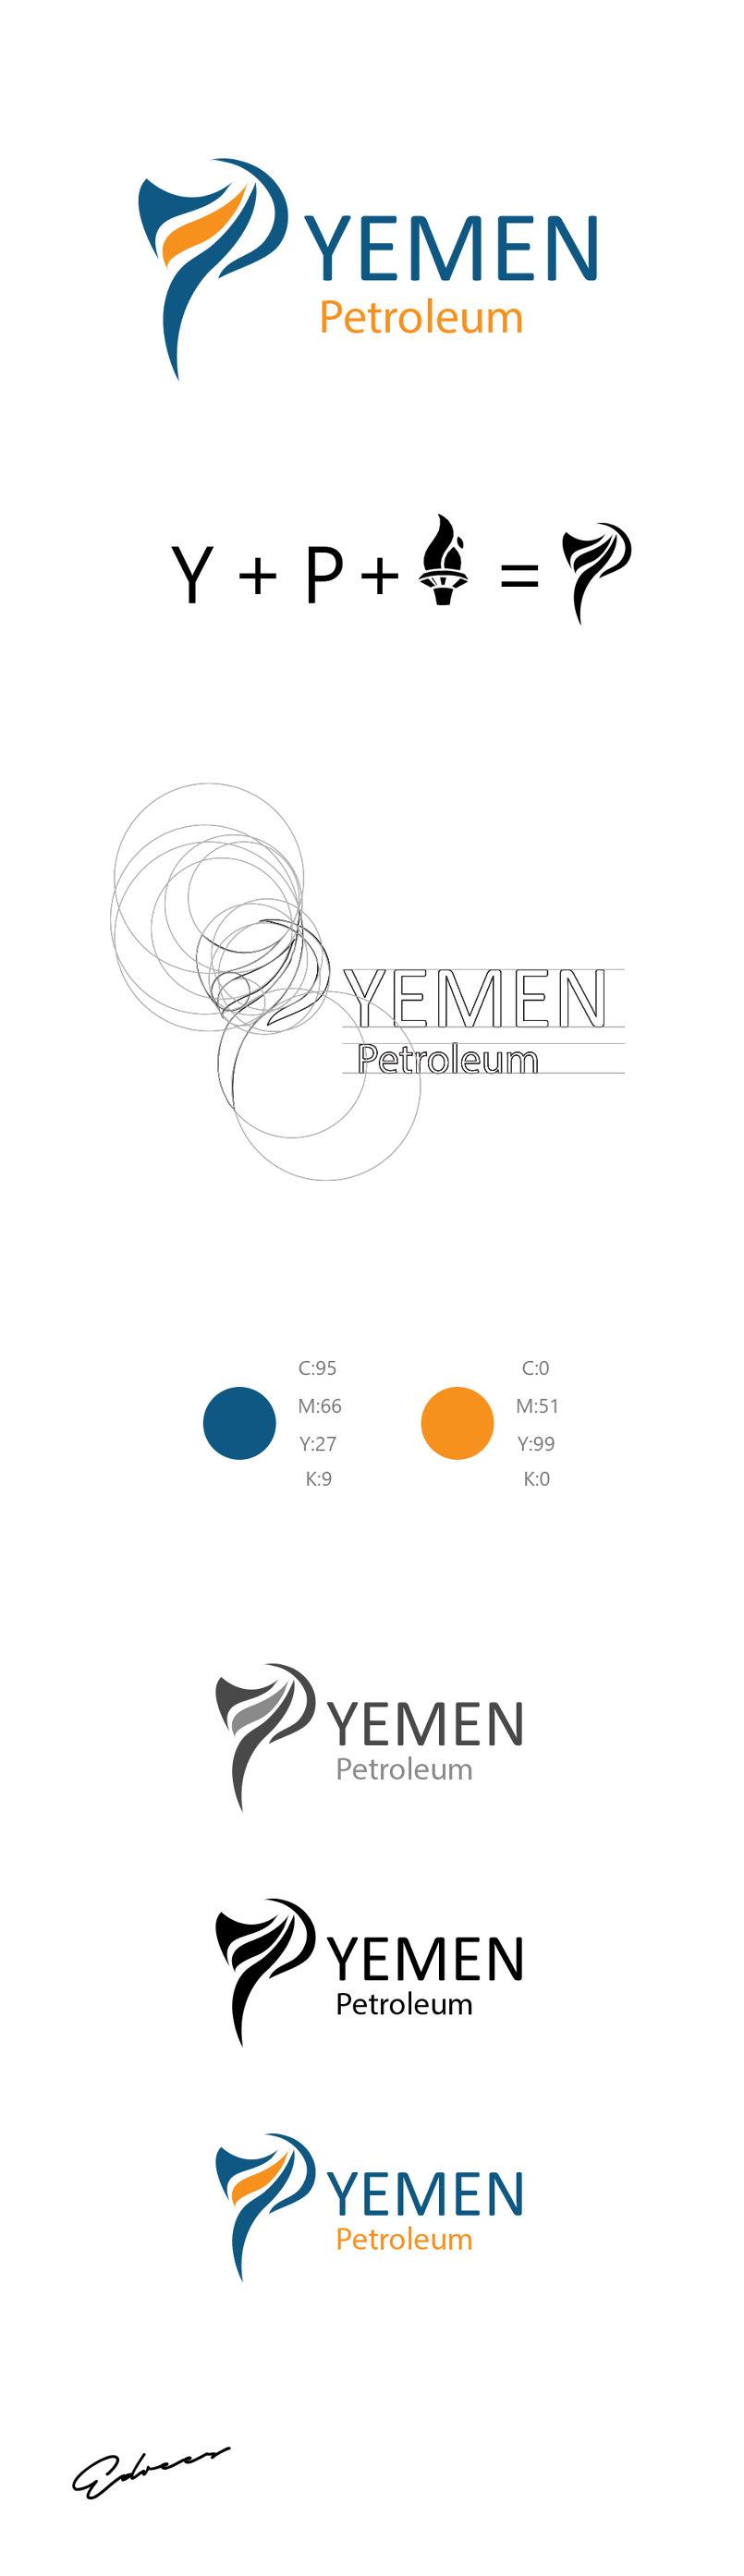 تطوير علامة تجارية للشركة اليمنية للبترول